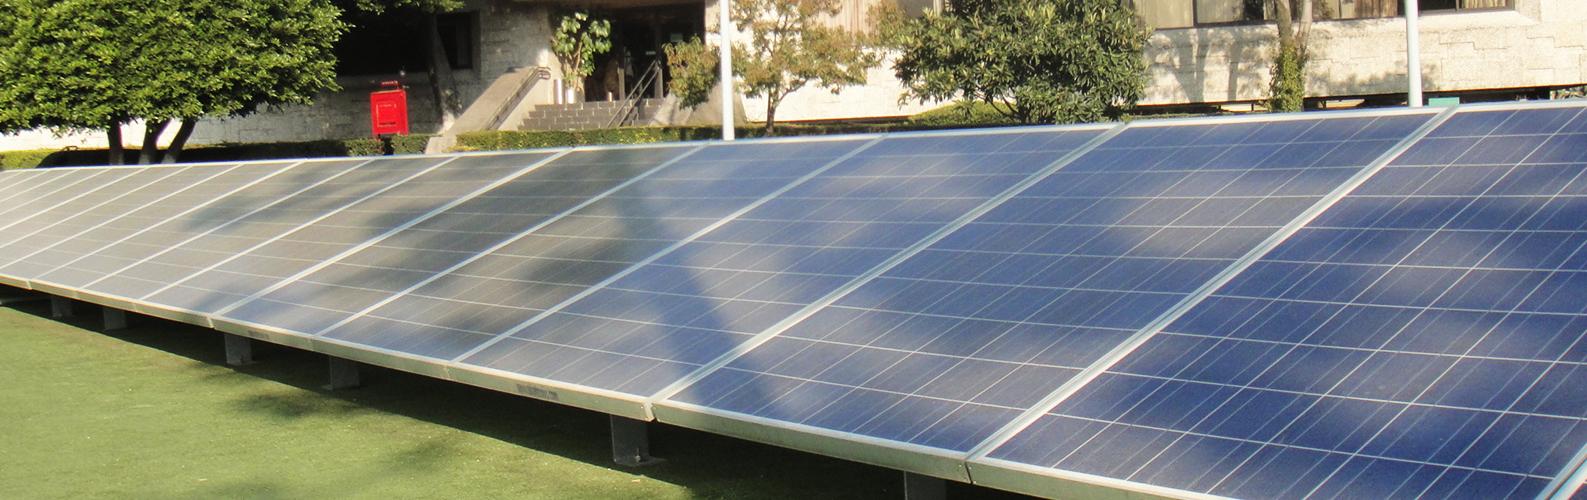 Panel Solar Sombra